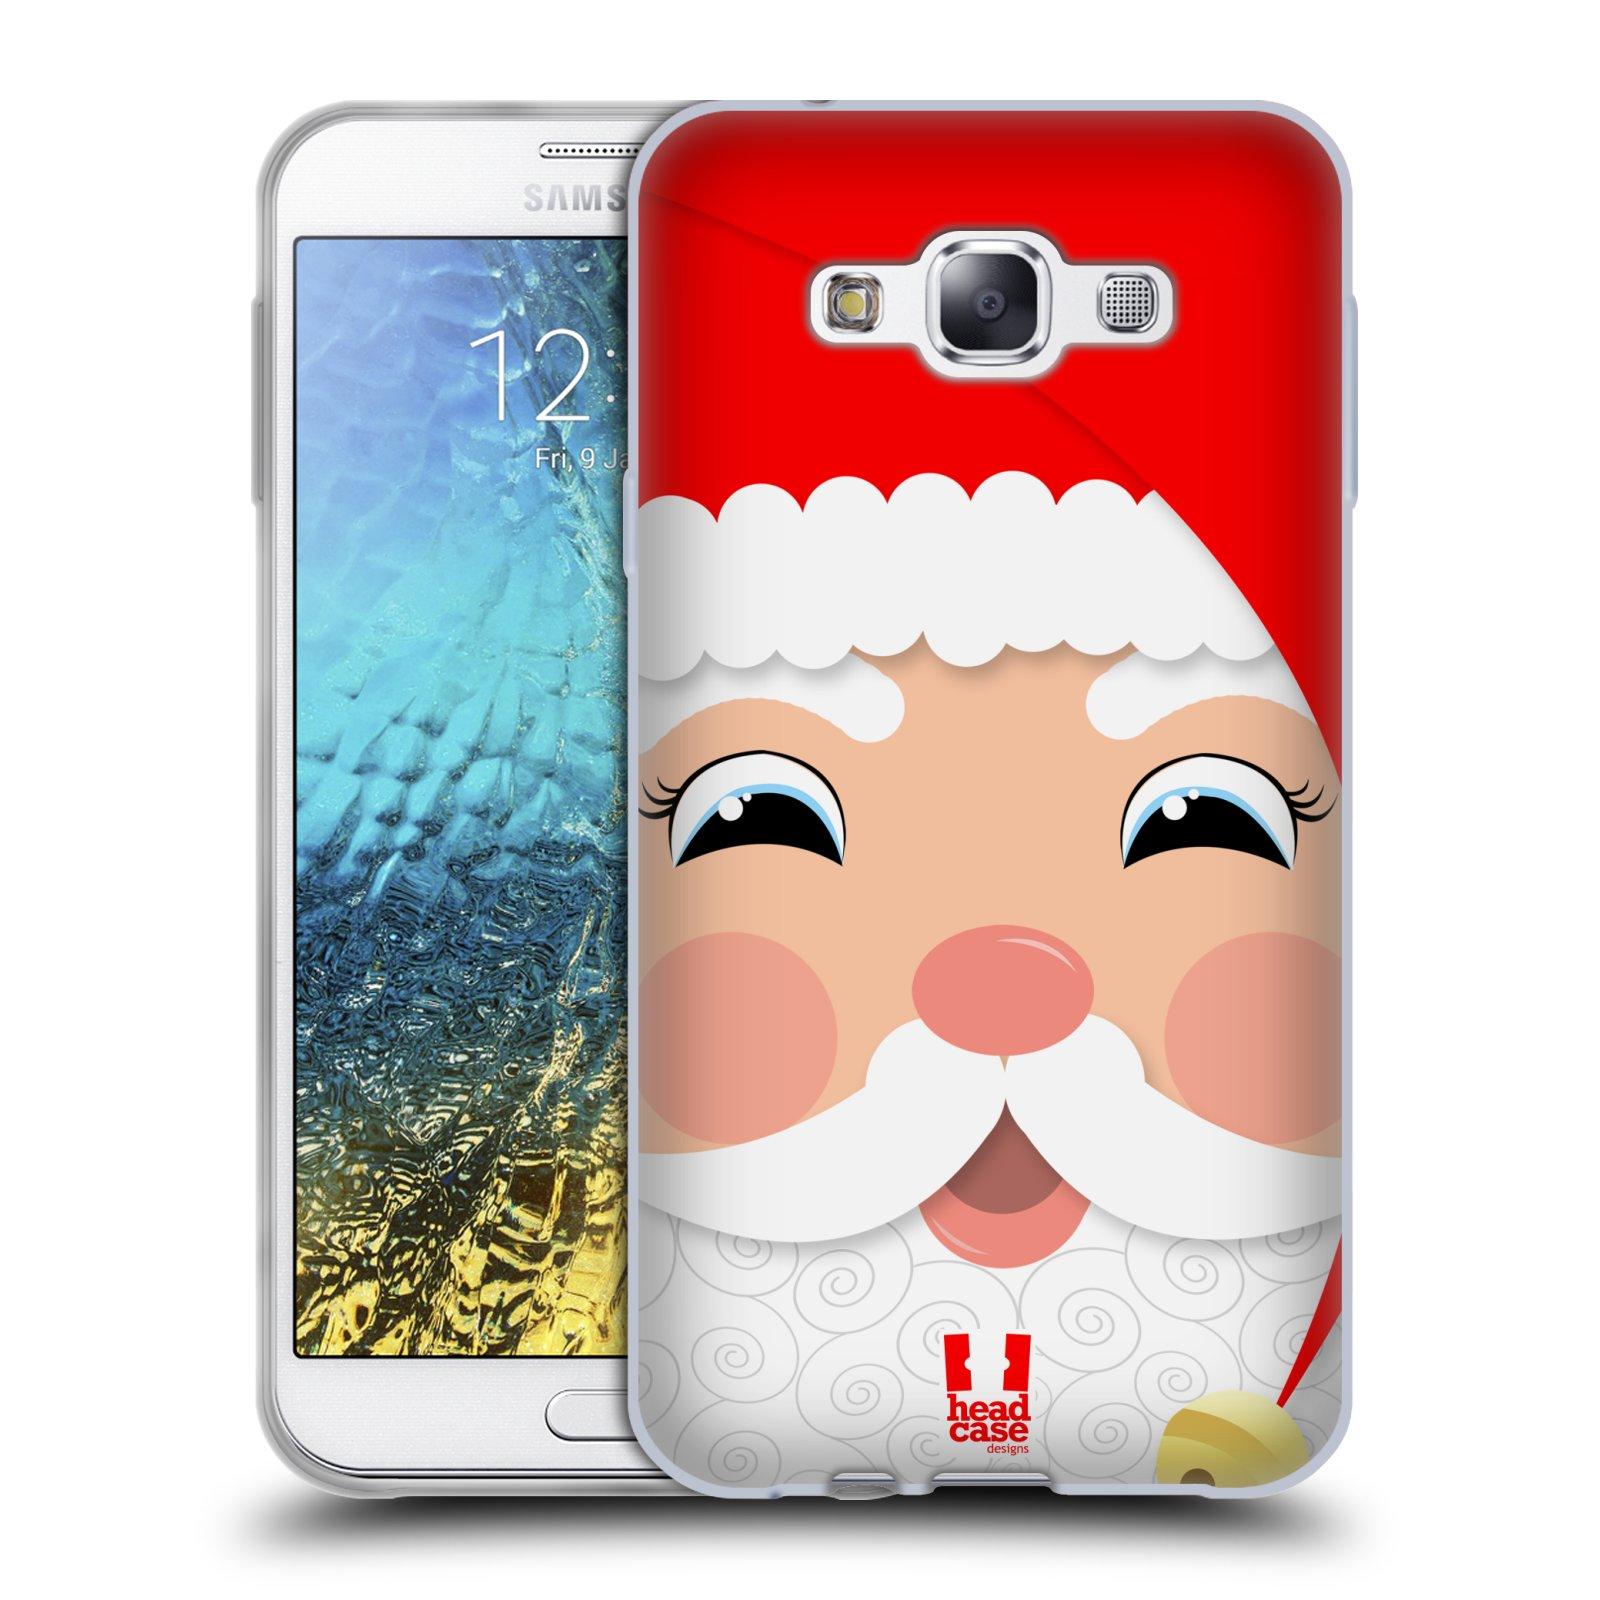 HEAD CASE silikonový obal na mobil Samsung Galaxy E7 vzor Vánoční tváře kreslené SANTA CLAUS